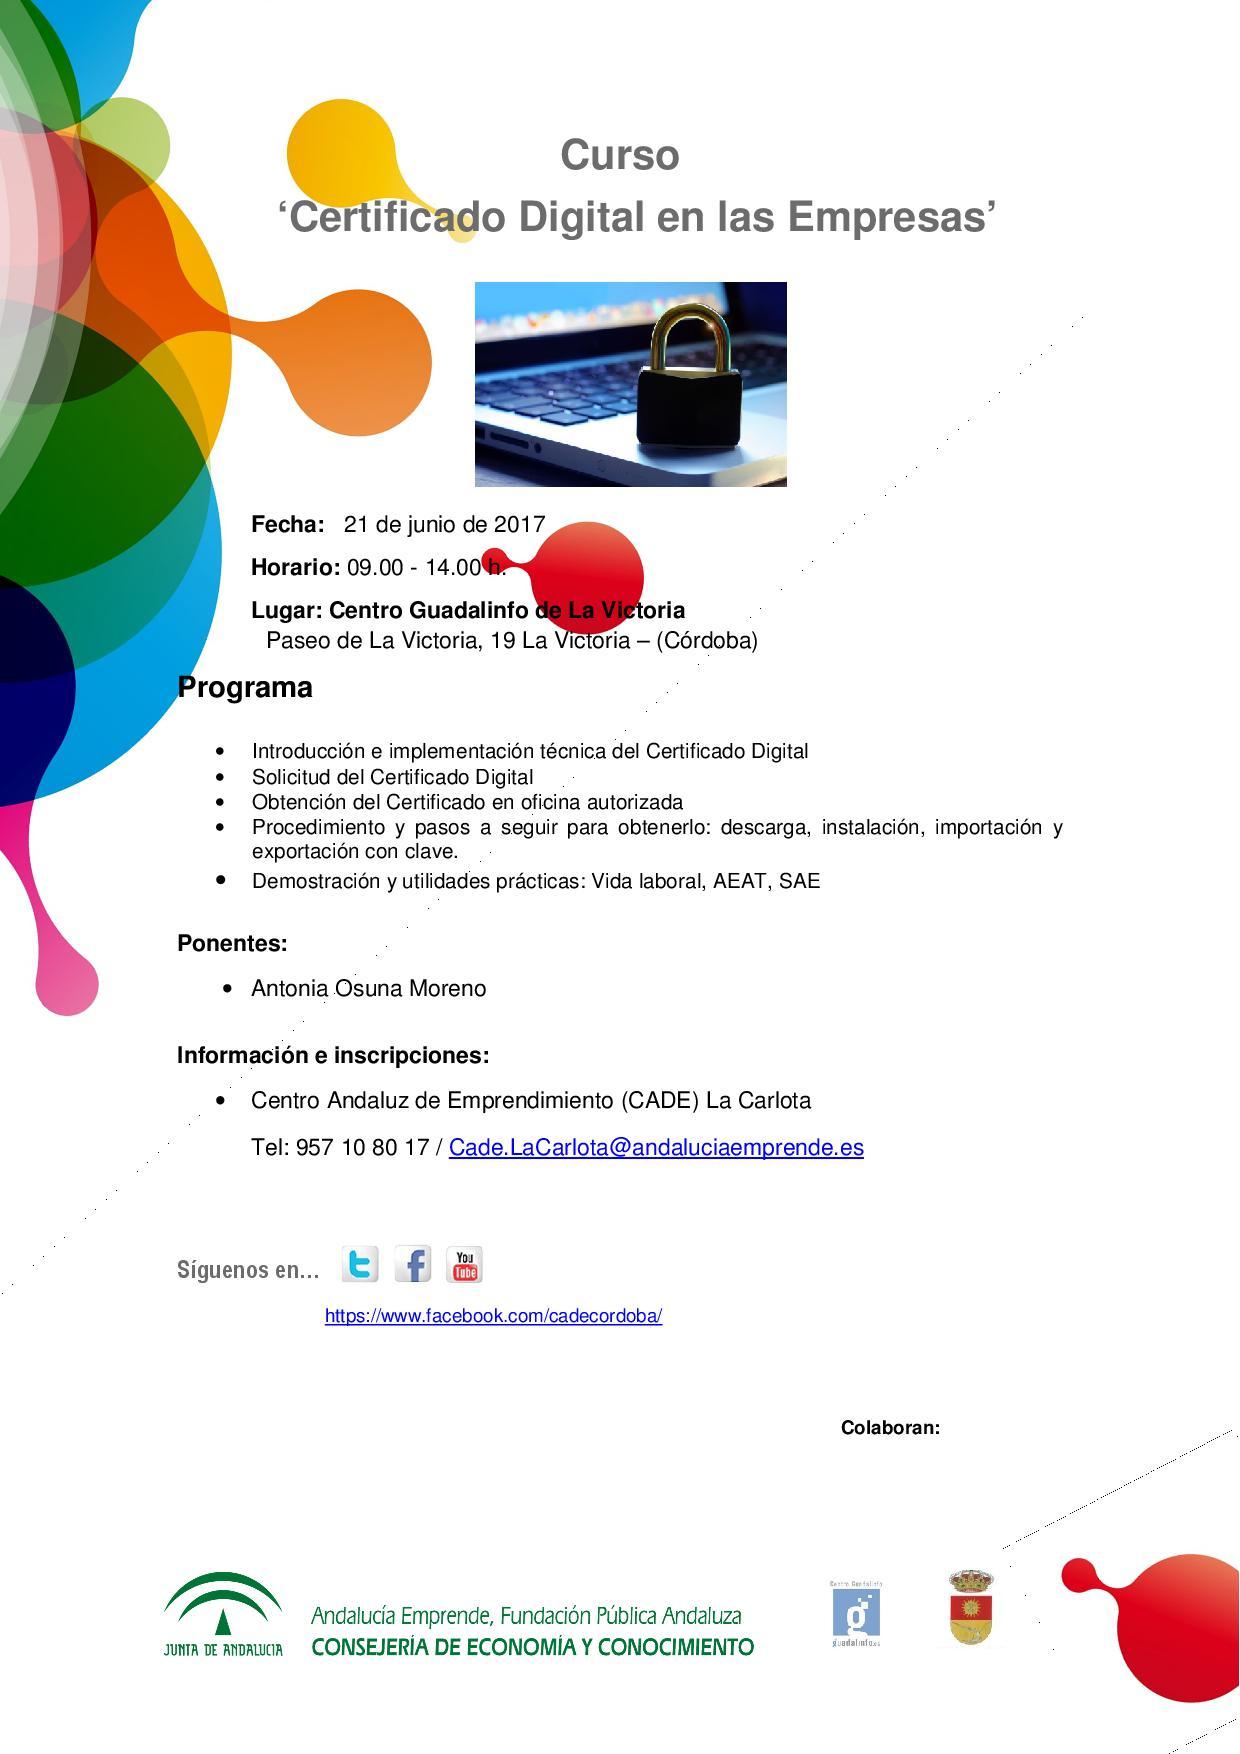 Curso certificado digital en las empresas andaluc a for Oficina certificado digital